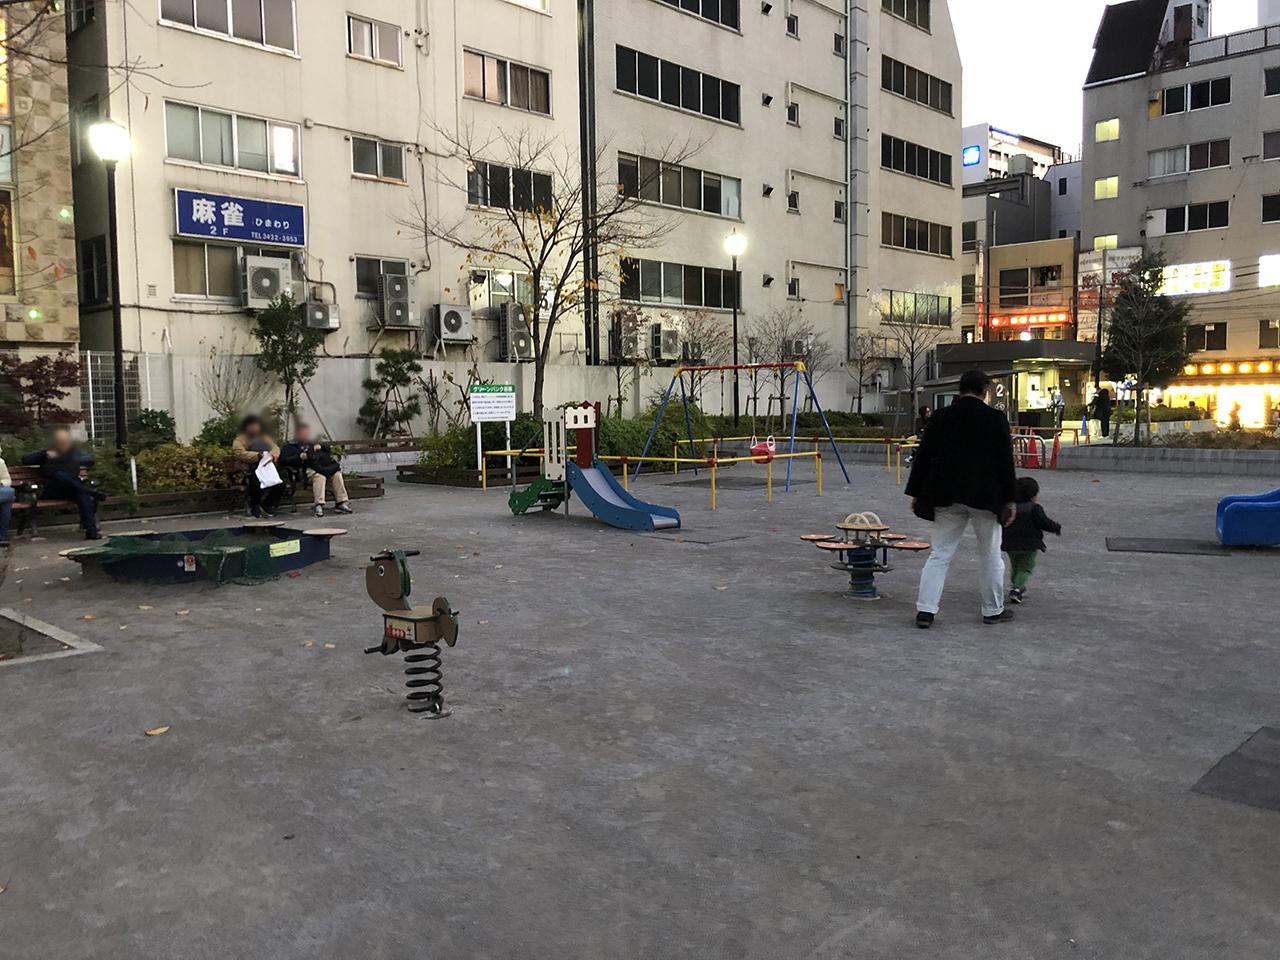 公園の広場の写真